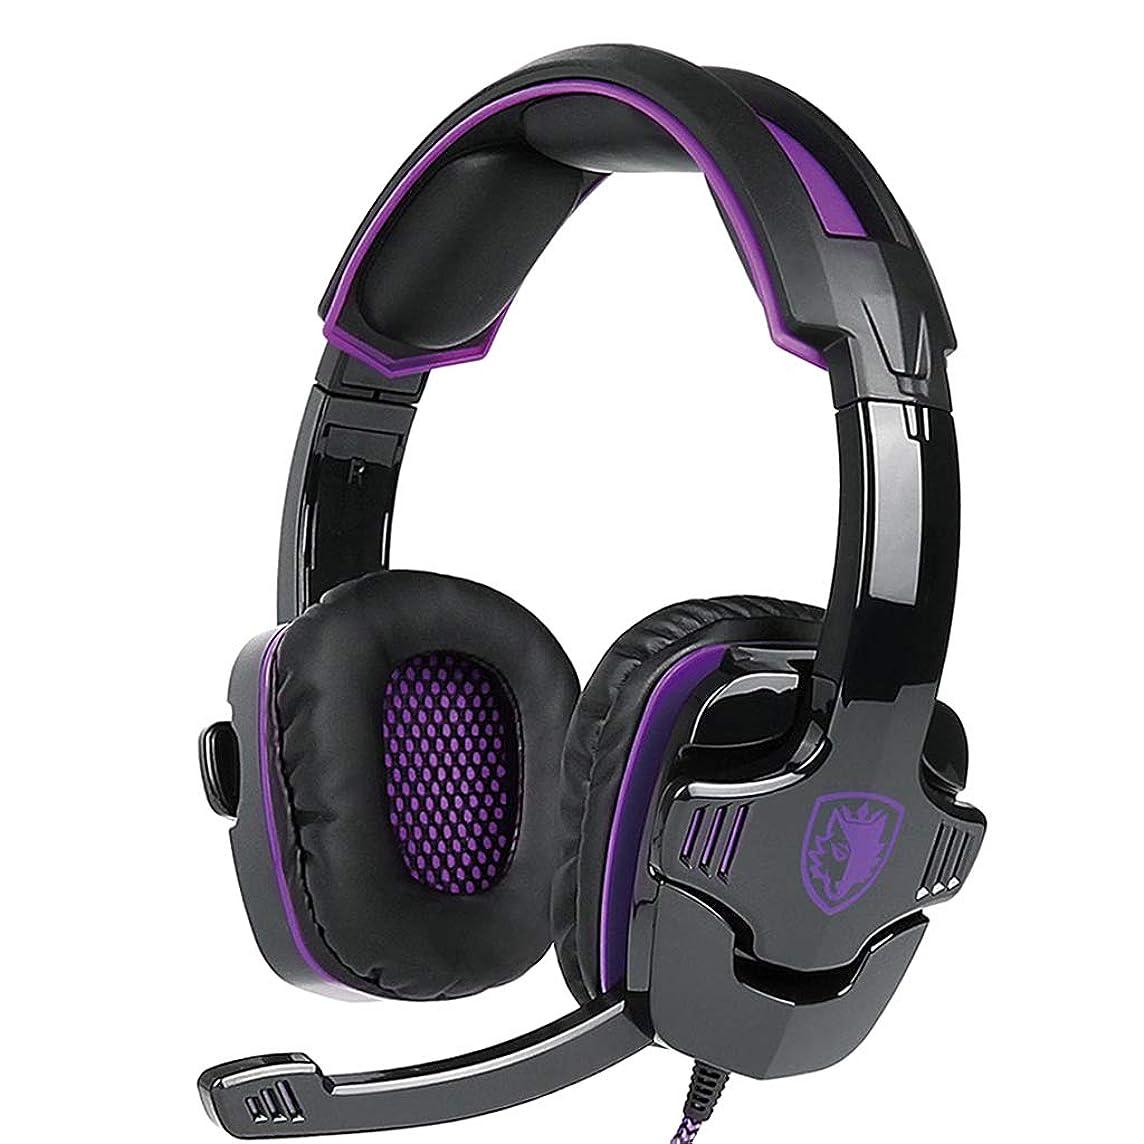 メタン想像力豊かなパーツ3.5mmゲーミングヘッドセット、ステレオ有線PCゲーミングヘッドフォン、ノイズキャンセリングマイク付き、携帯電話タブレットPC用の耳ヘッドフォン - 紫色